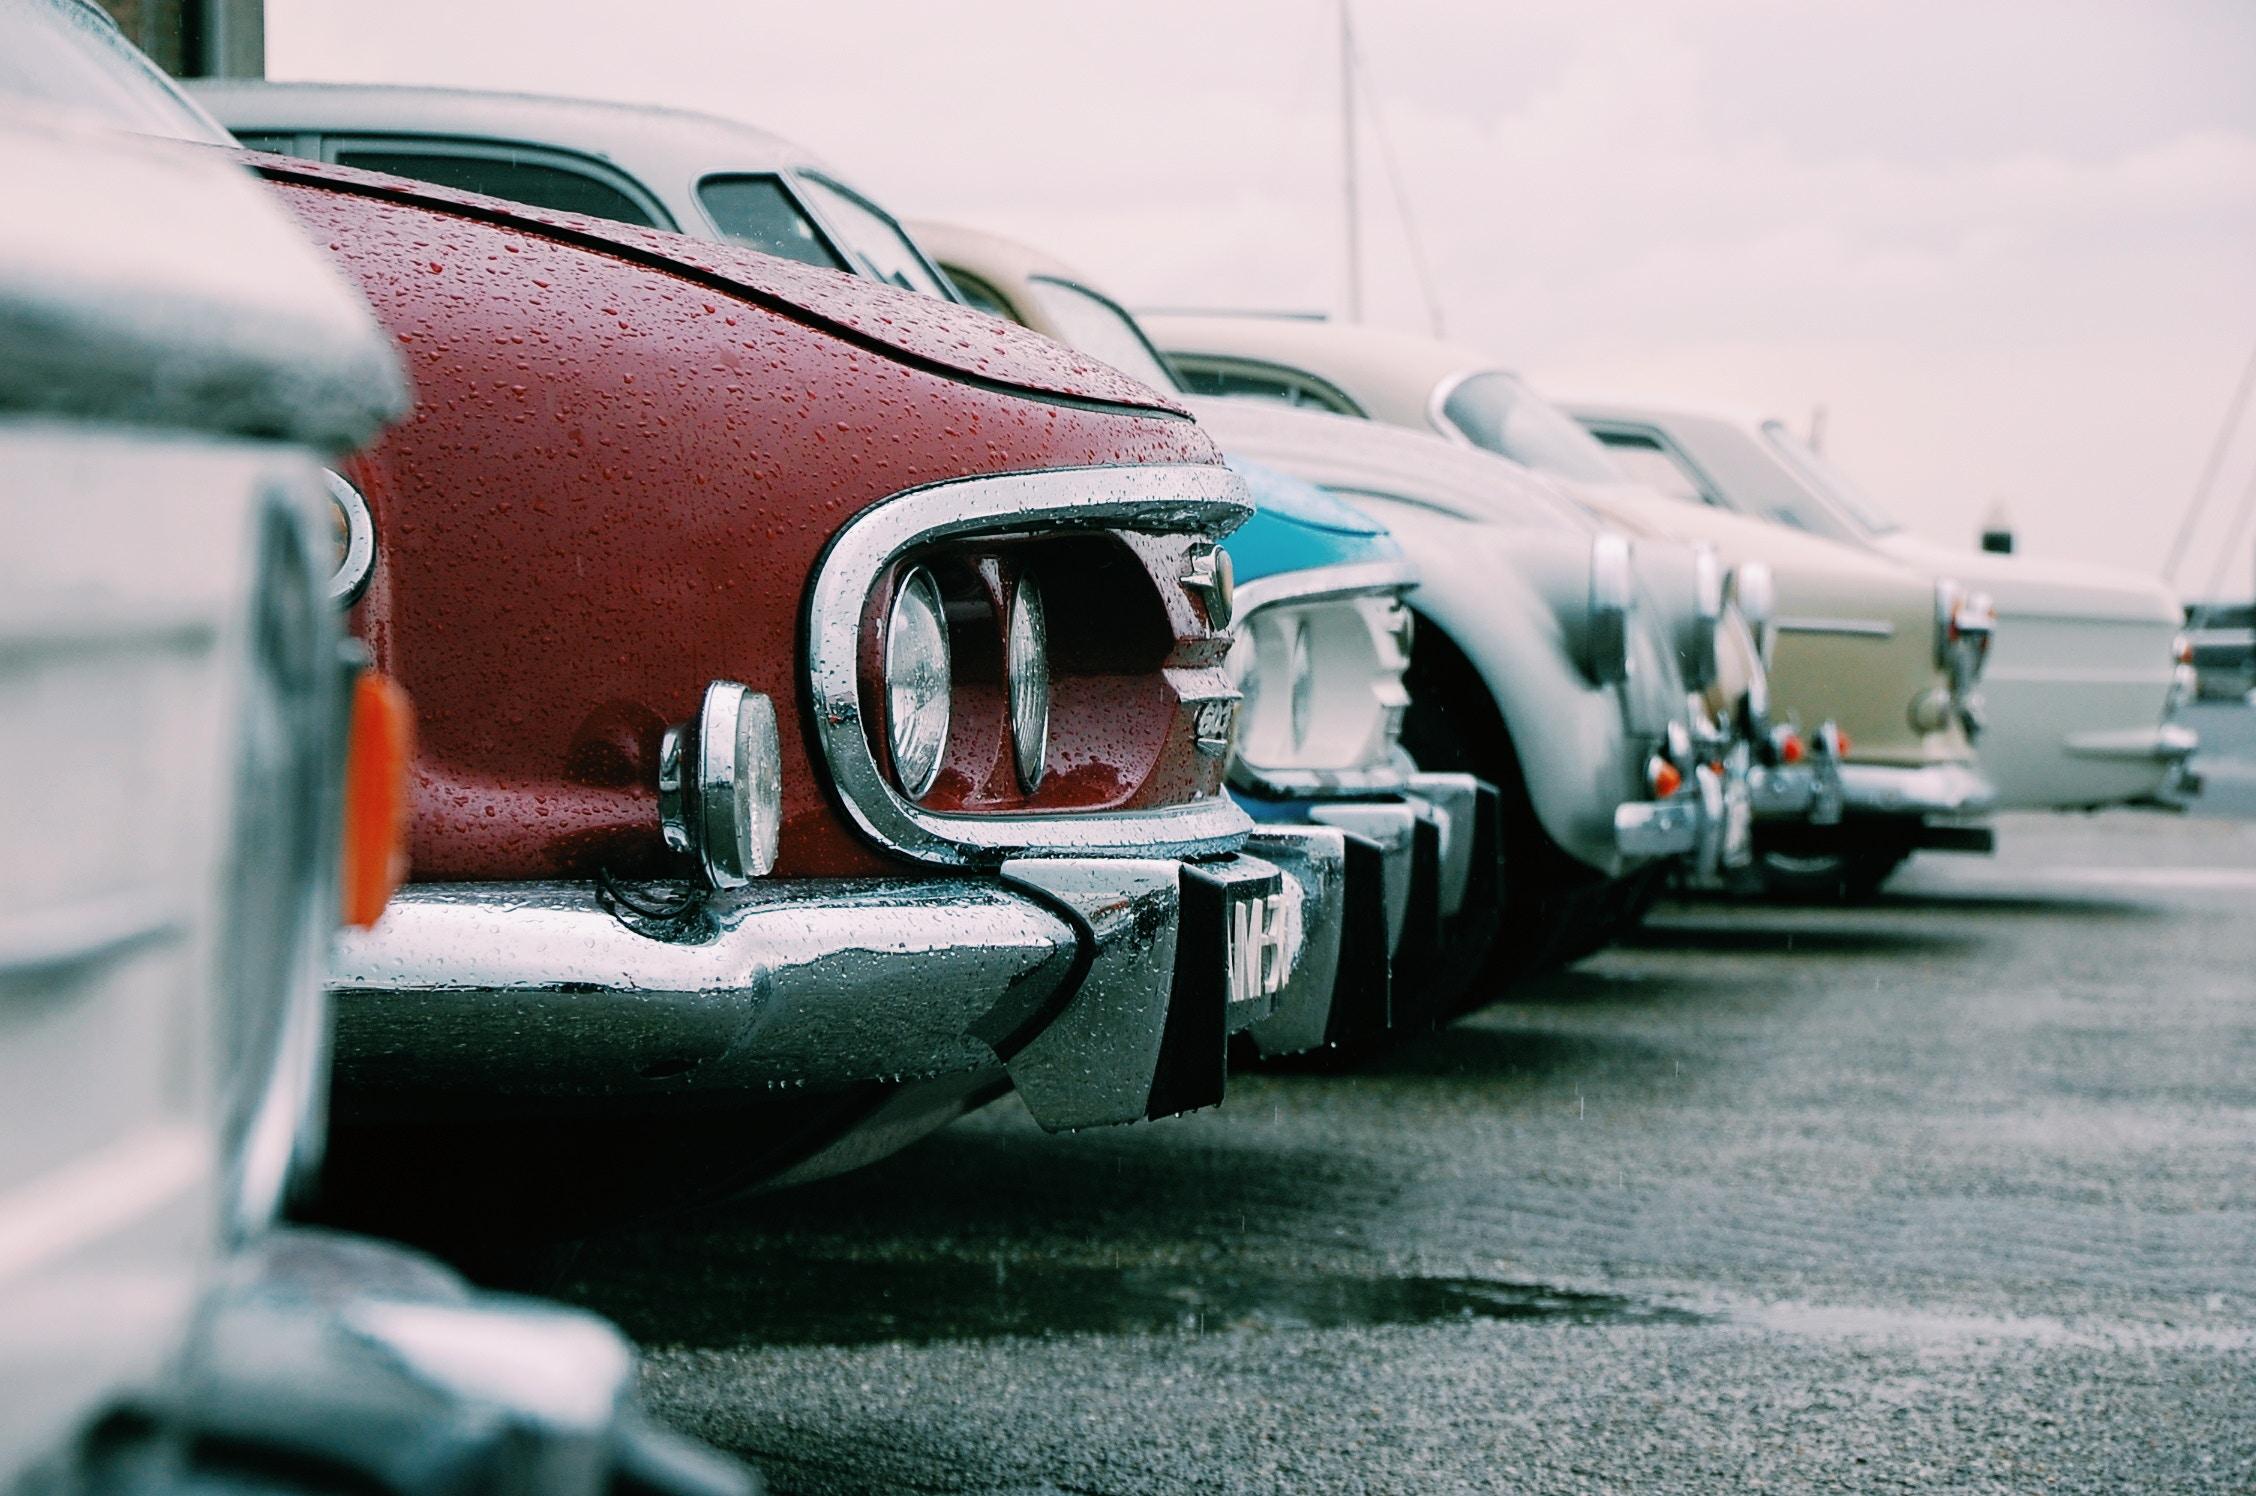 ホンダカーズの中古車は他とどこが違う?独自のサービス内容について解説!